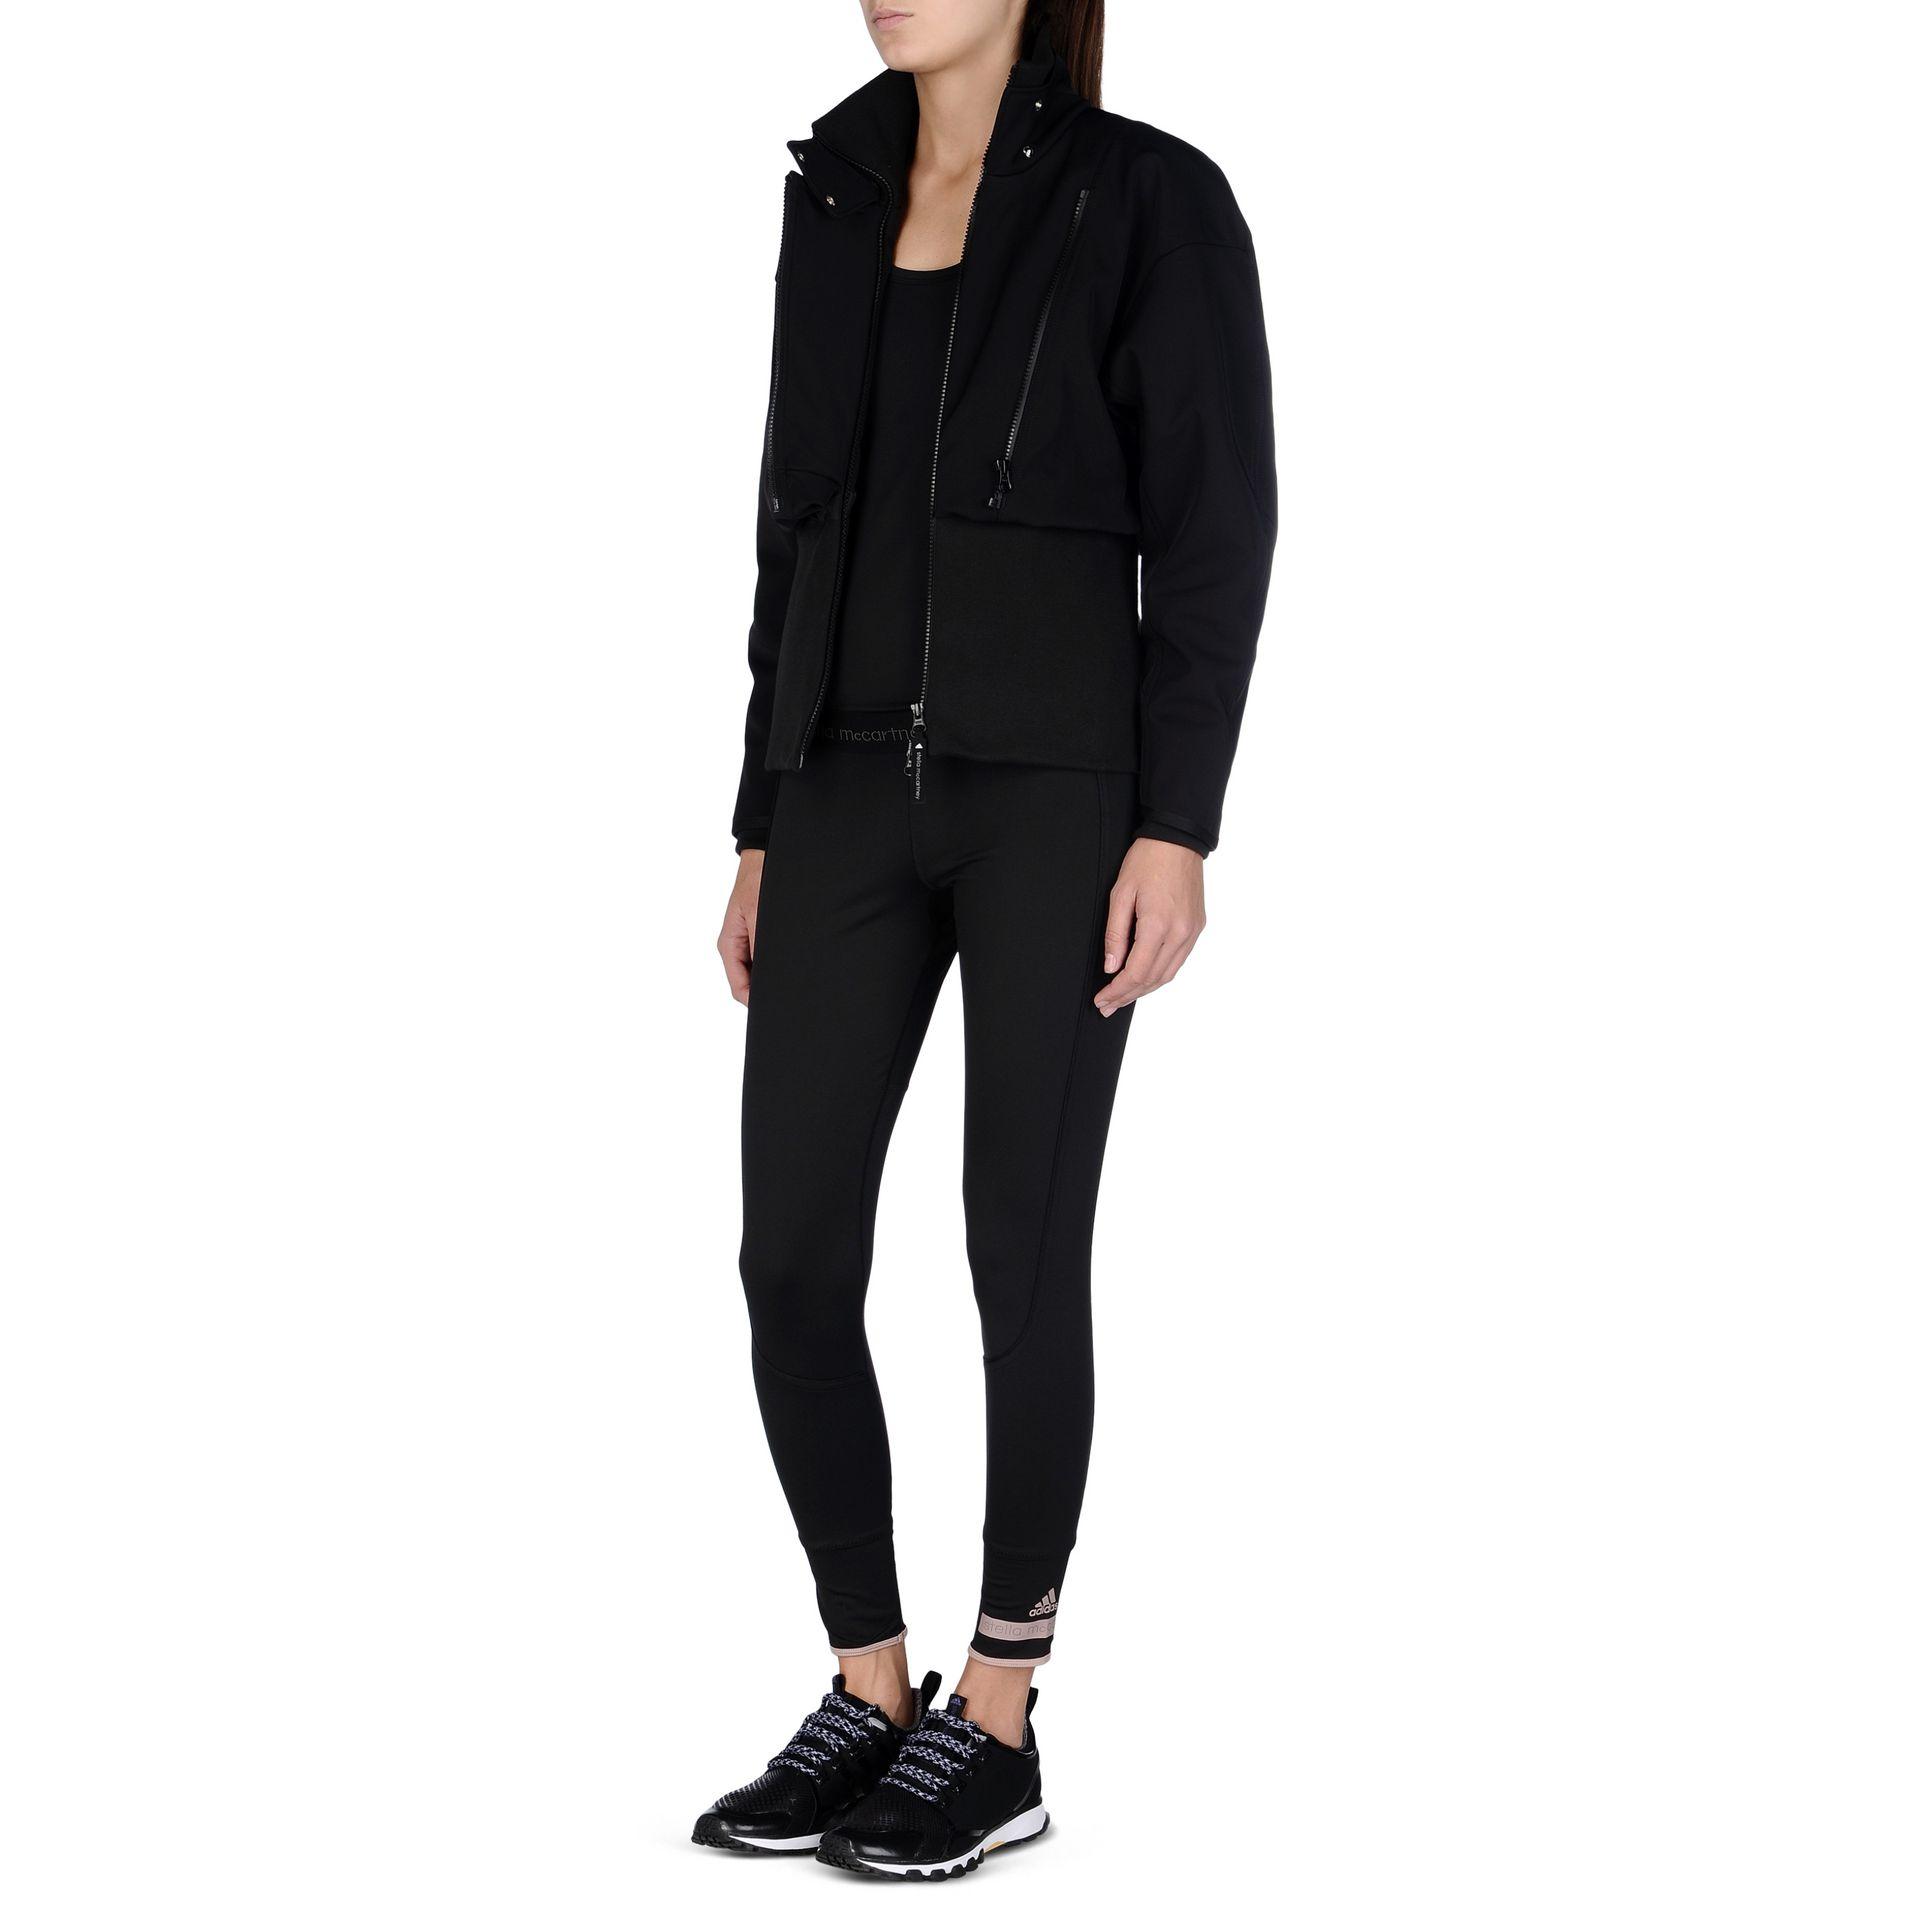 45932c42b2b53 adidas By Stella McCartney Wintersports Slim Jacket in Black - Lyst